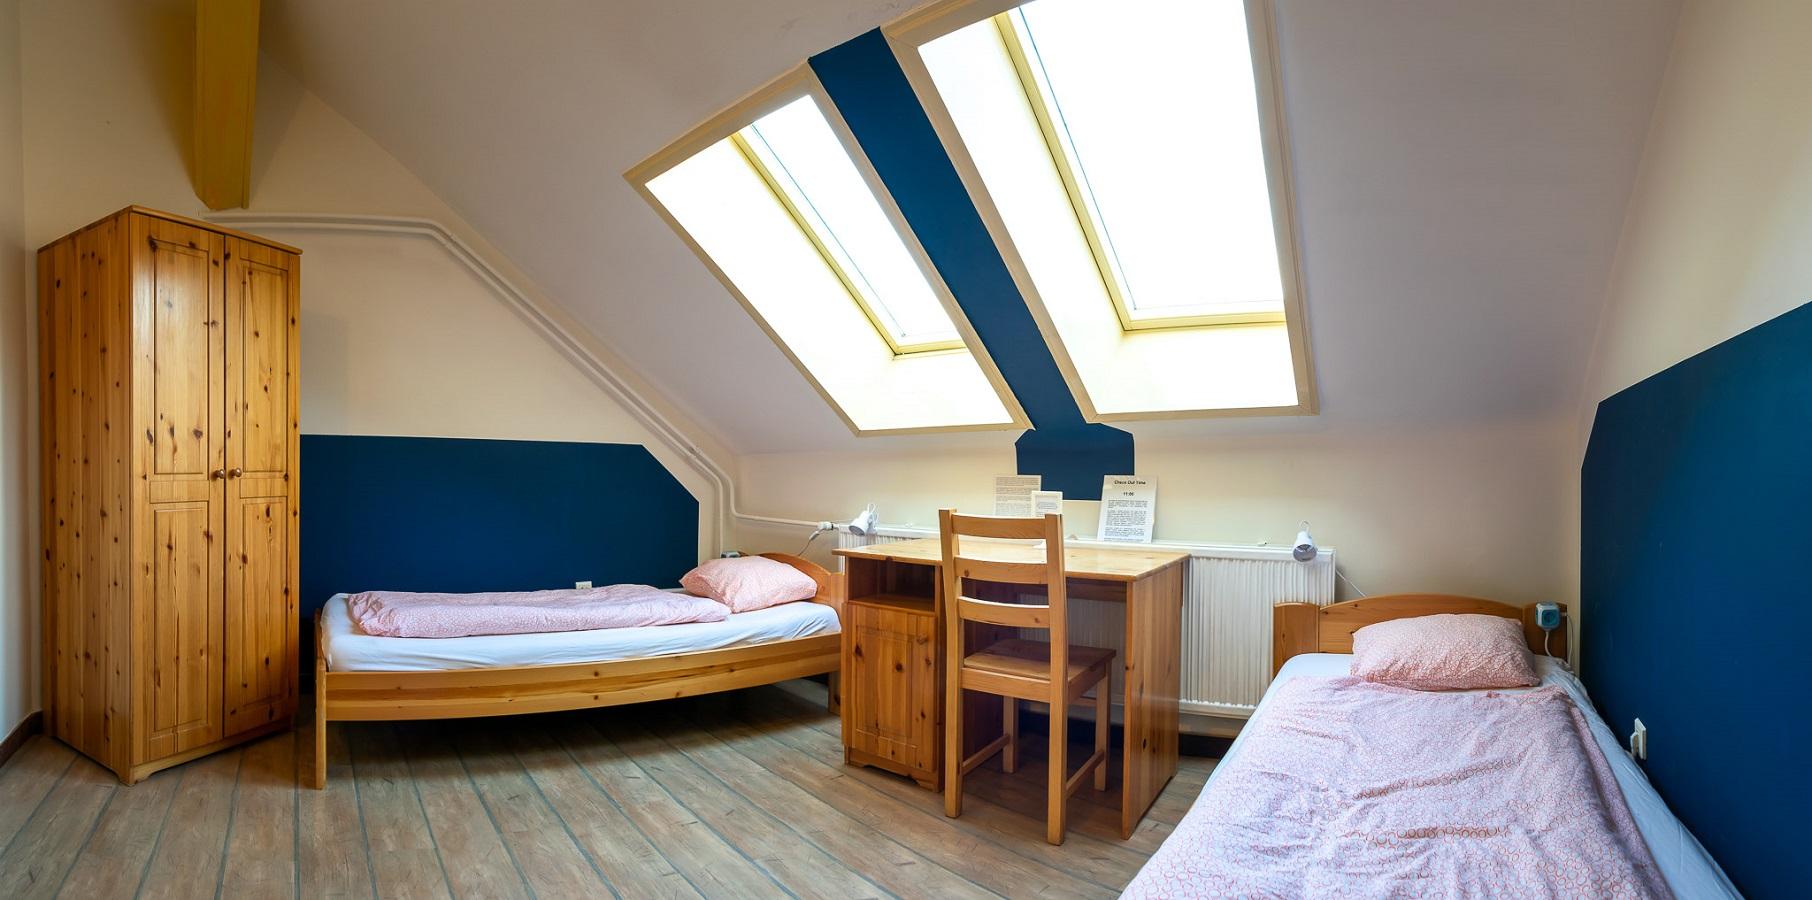 Kétágyas szoba / Double room